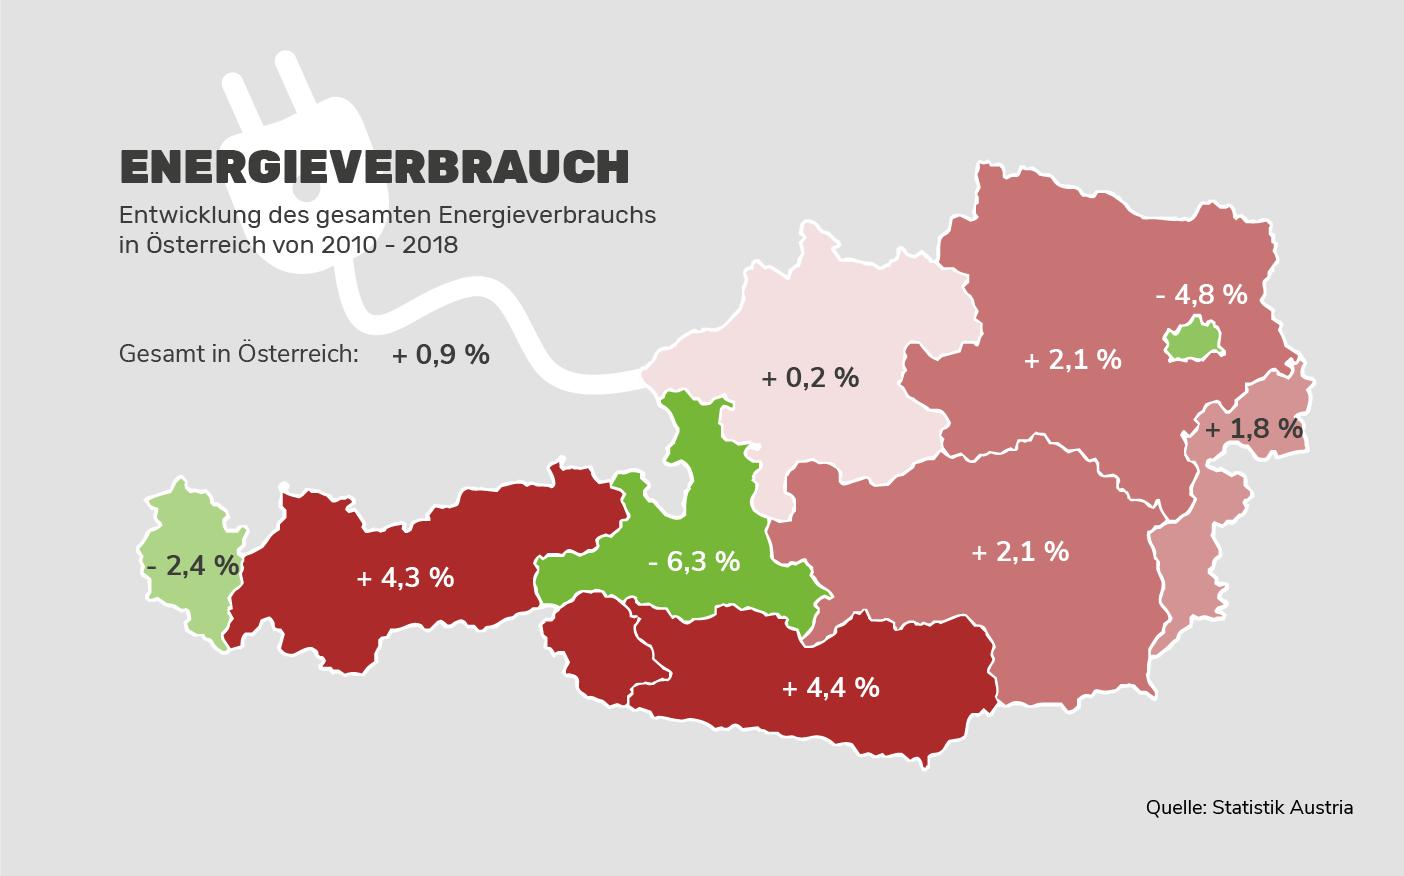 Energieverbrauch in Österreich